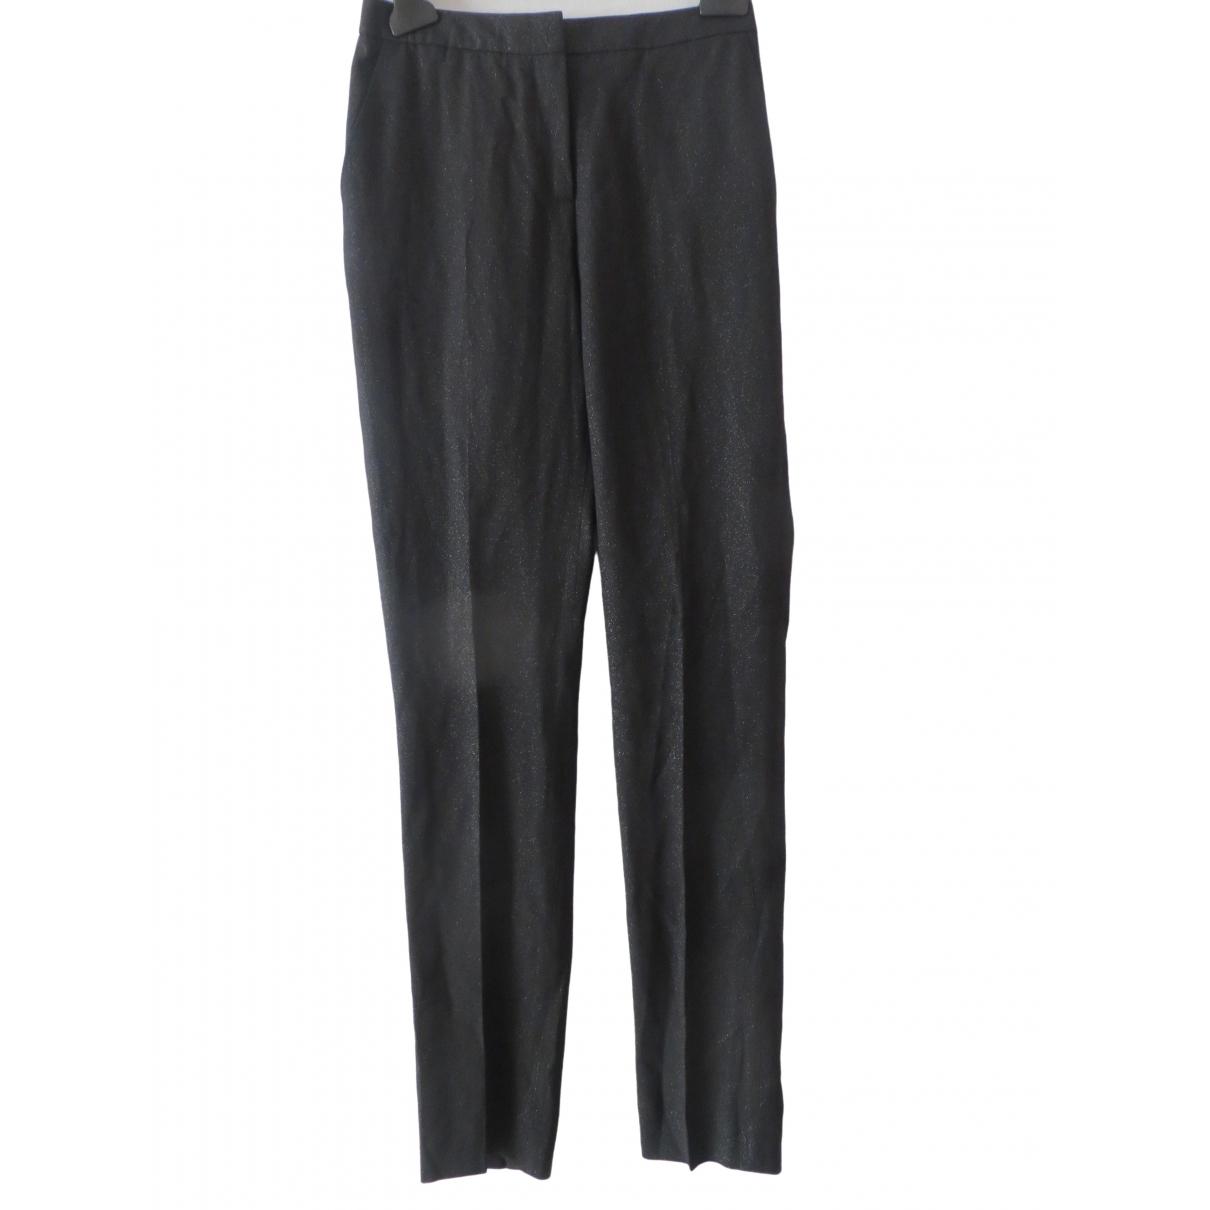 Reiss \N Black Trousers for Women 6 UK